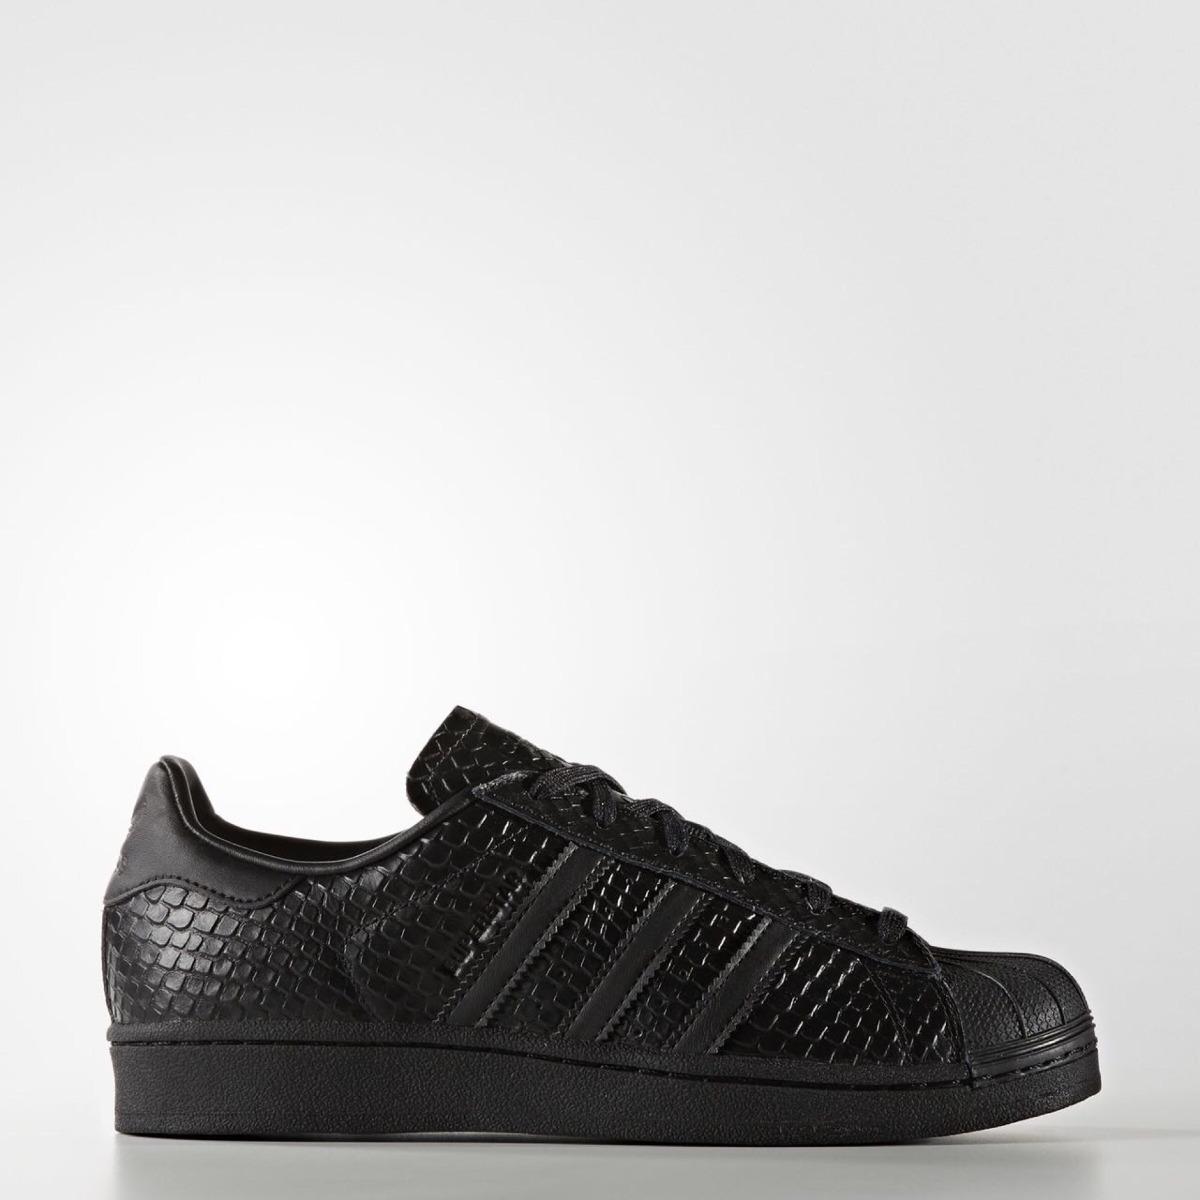 promo code e44fa 7ecd2 zapatillas adidas originals superstar negra mujer originales. Cargando zoom.